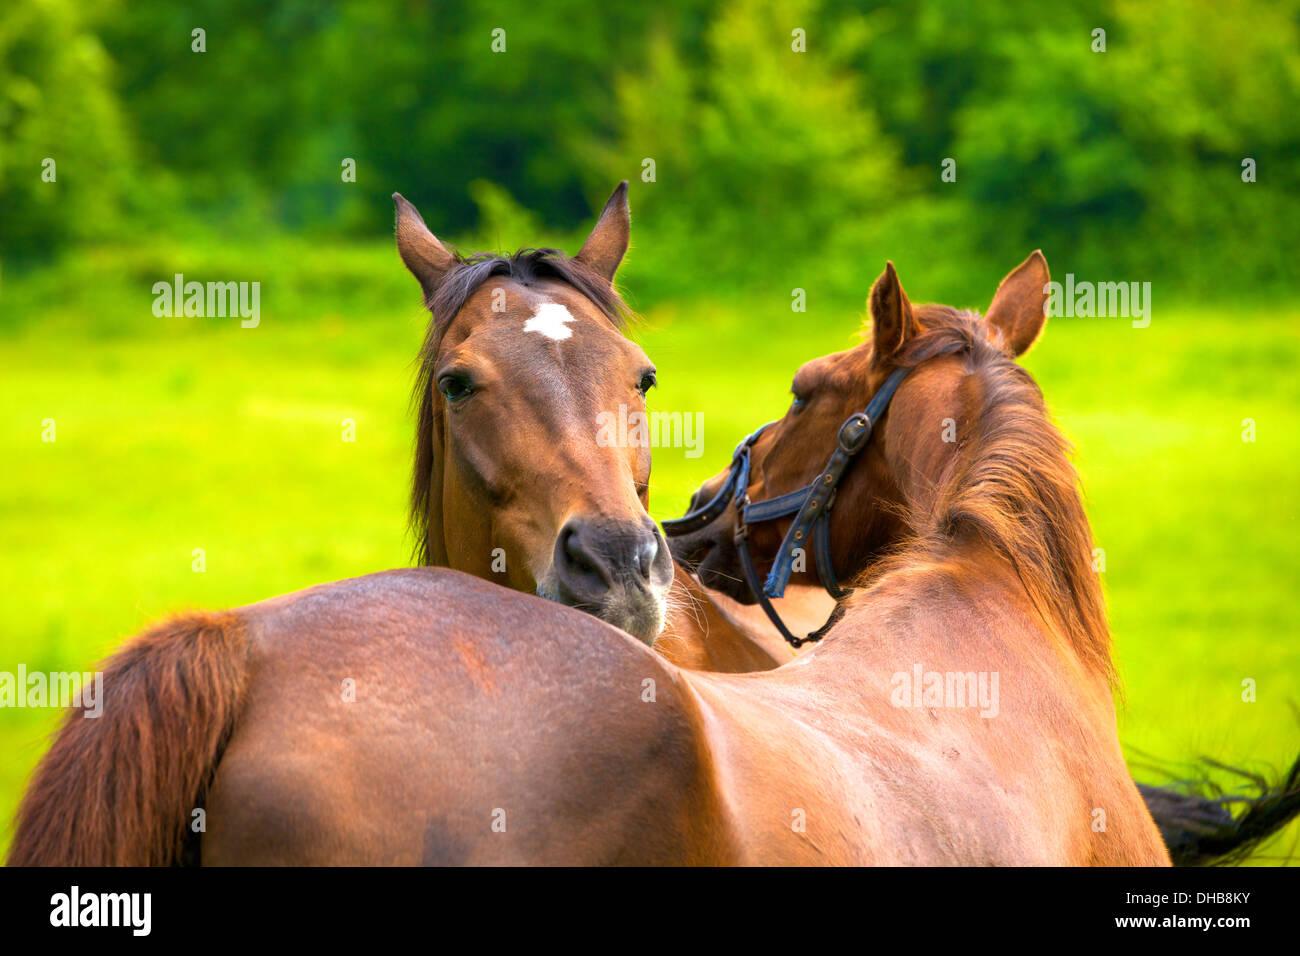 Horses, Ryde, Isle of Wight, United Kingdom - Stock Image